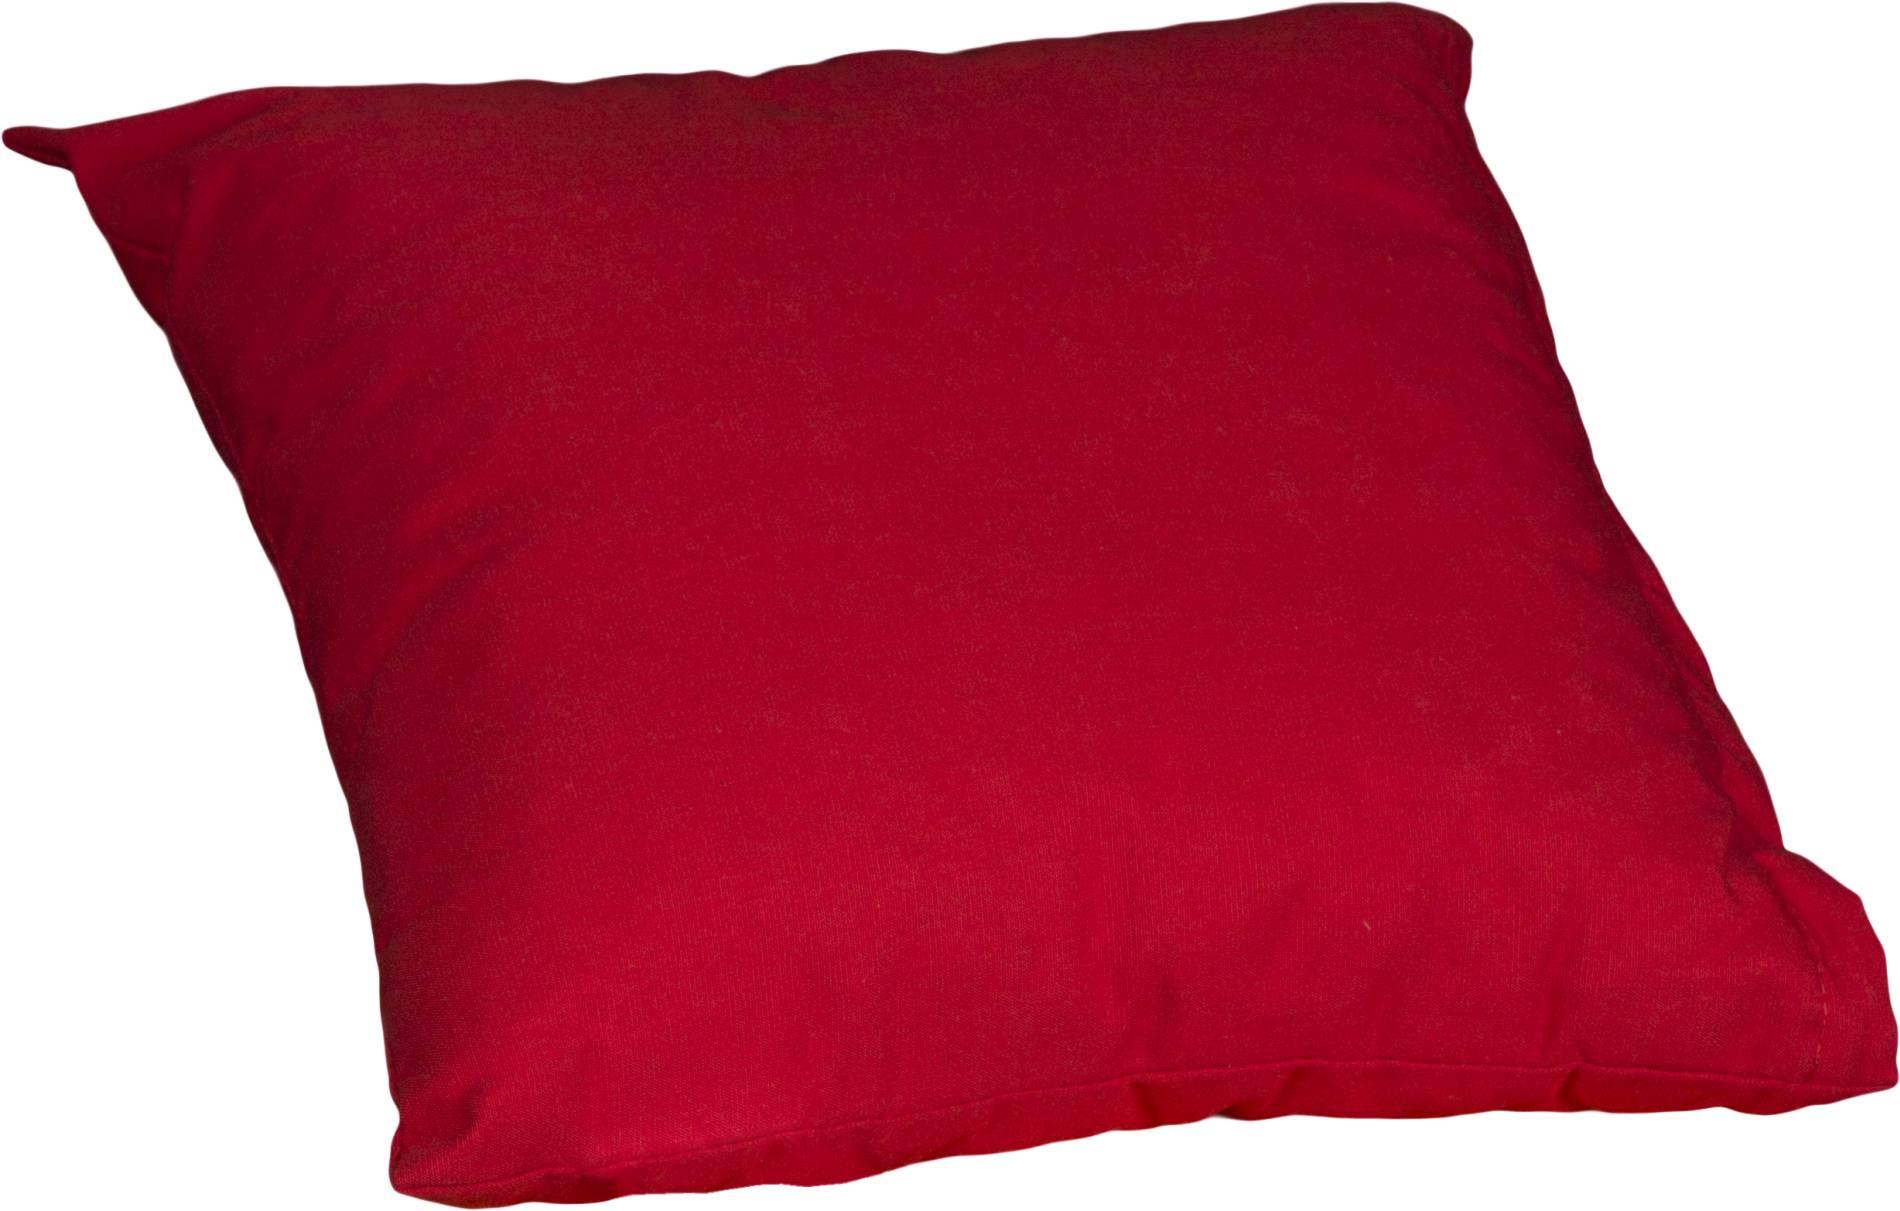 Cocktailkissen Sitzkissen rot Dralon Bezug 35 x 35 cm mit Reissverschluss